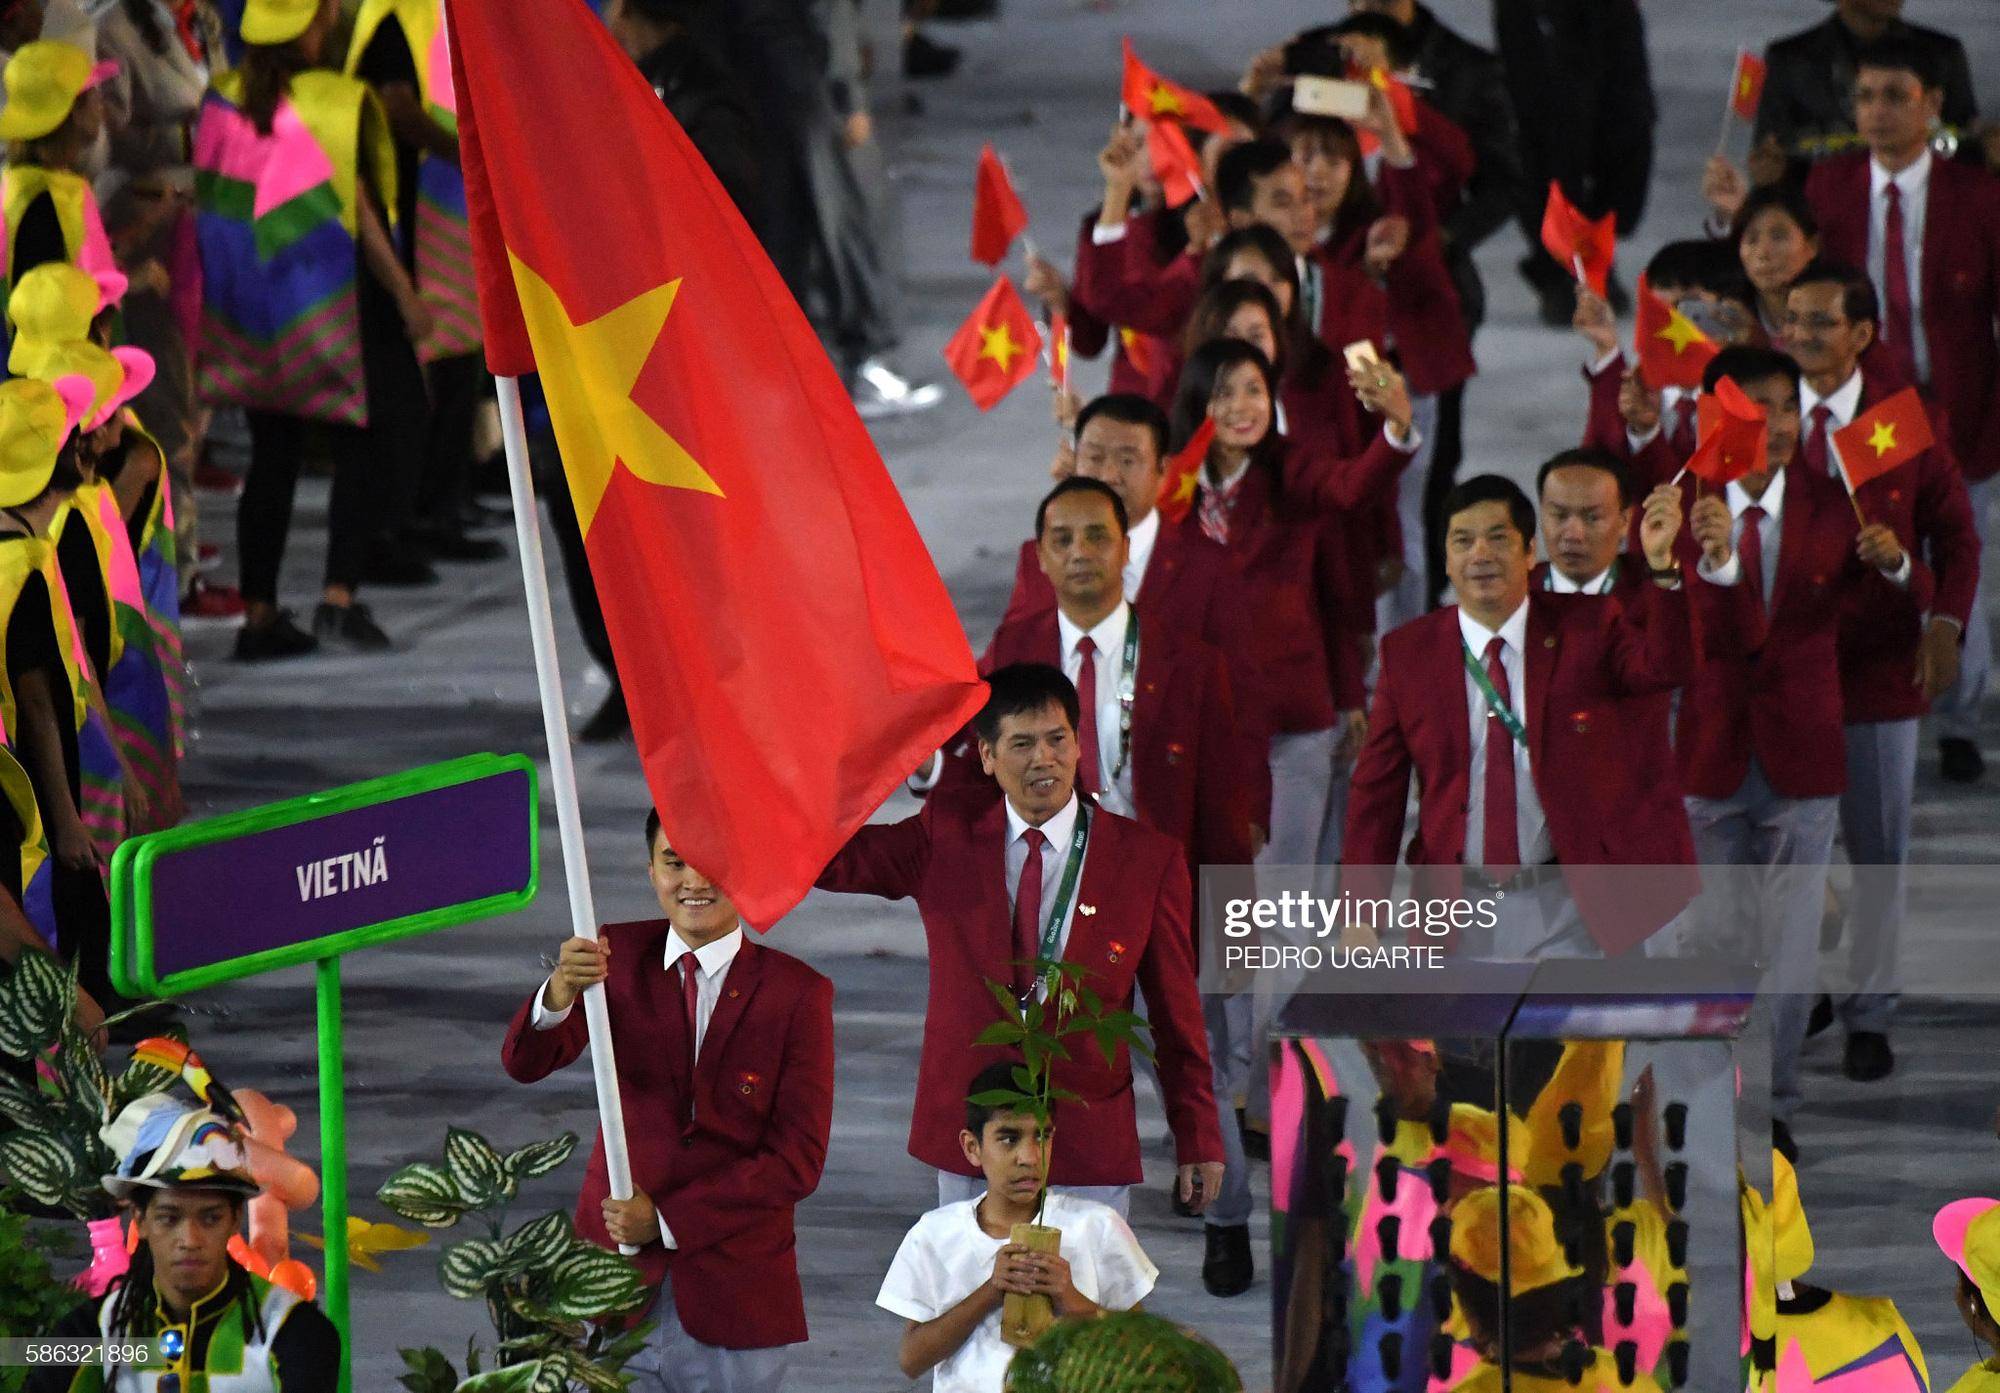 Đoàn thể thao Việt Nam xác định ngày lên đường săn vàng Olympic Tokyo 2020 - Ảnh 2.